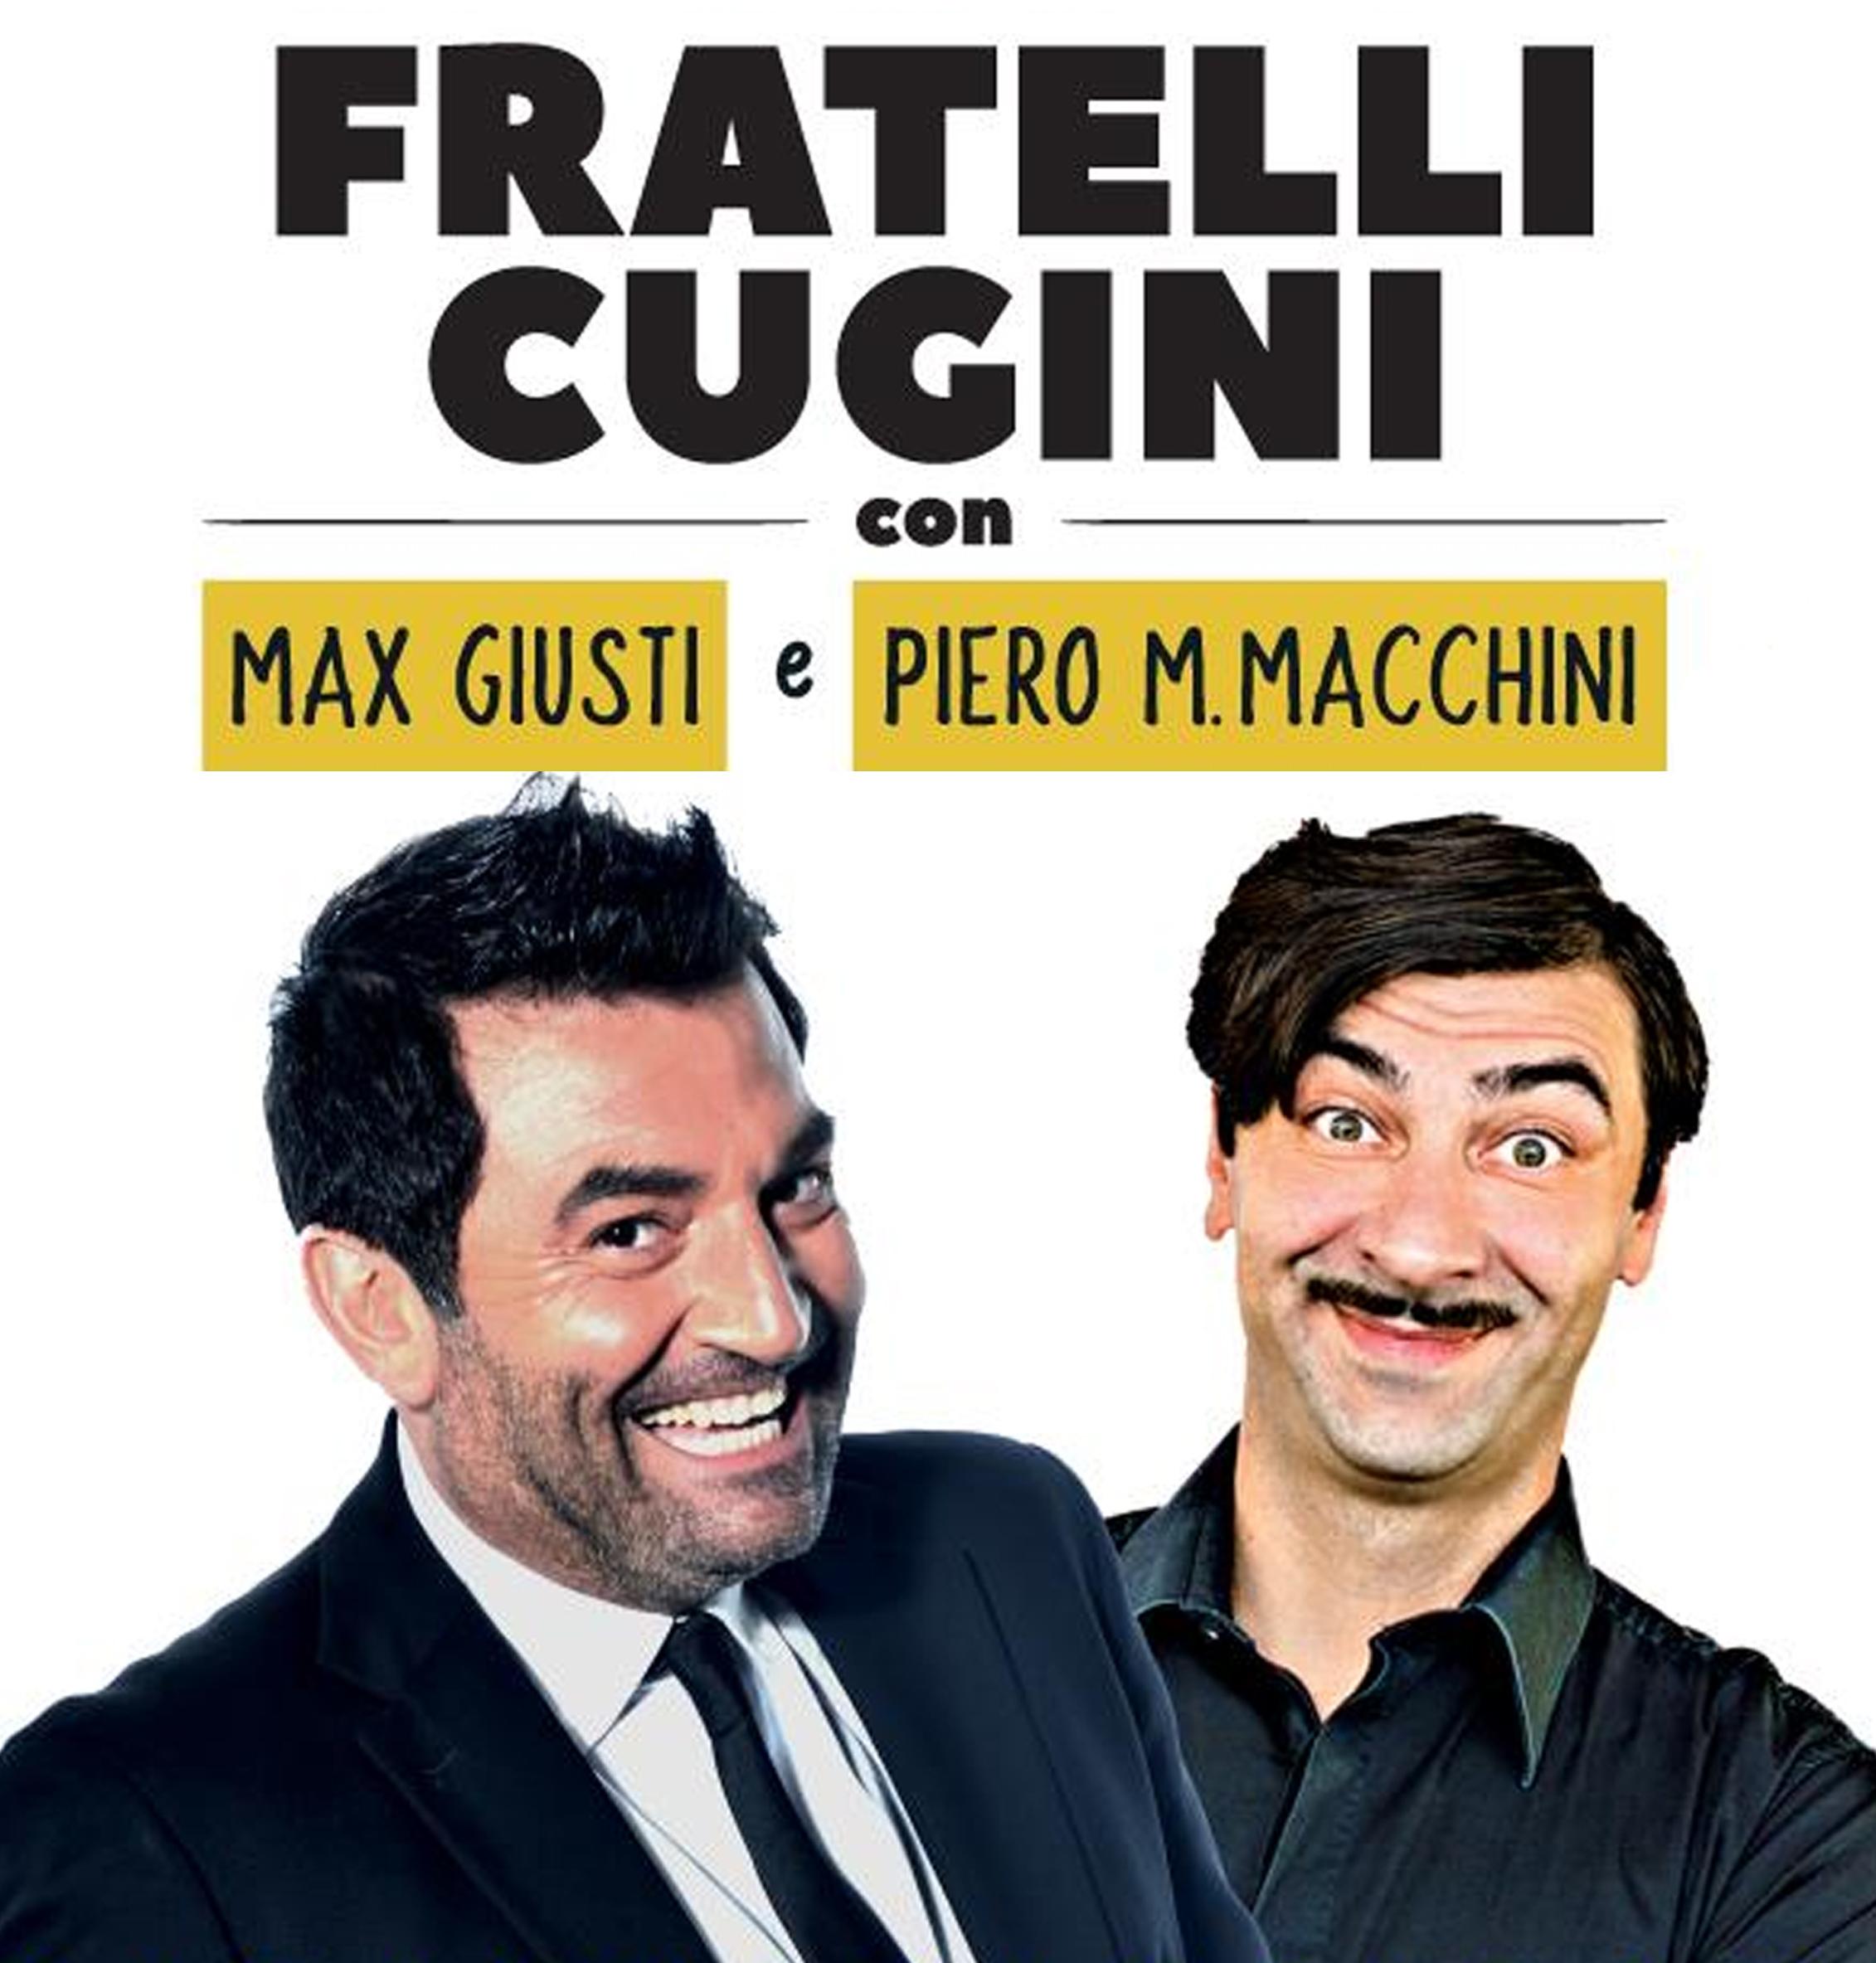 Fratelli_cugini